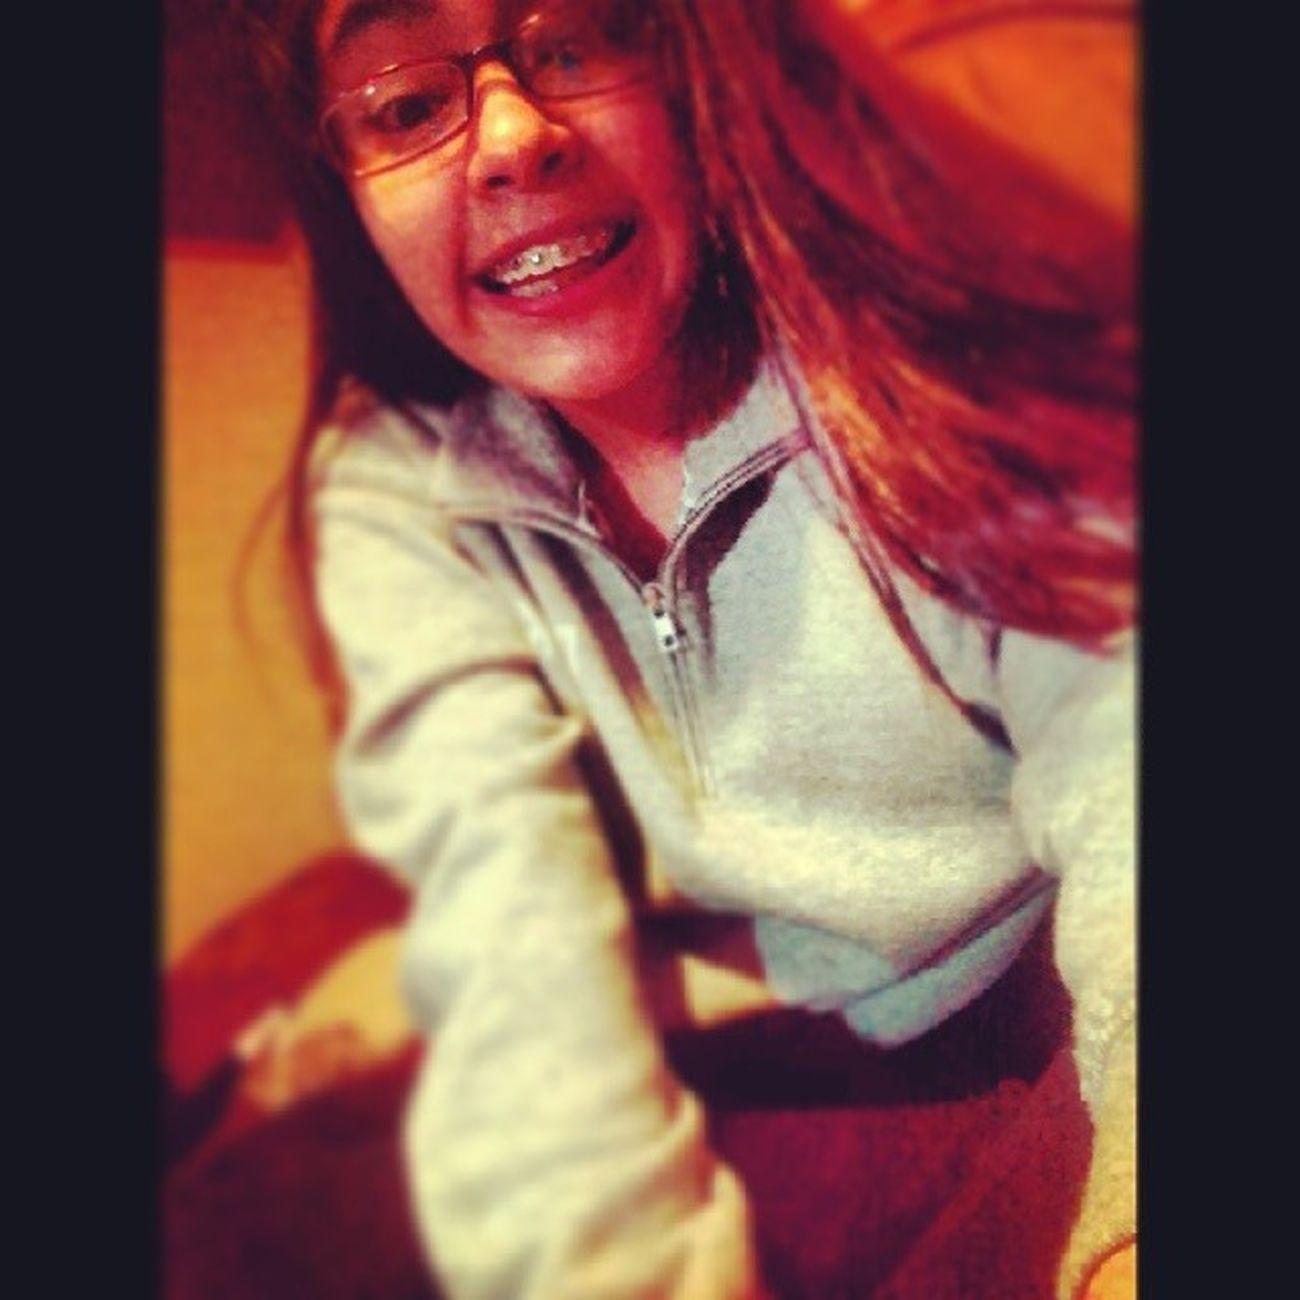 Selfie Aprilchallange